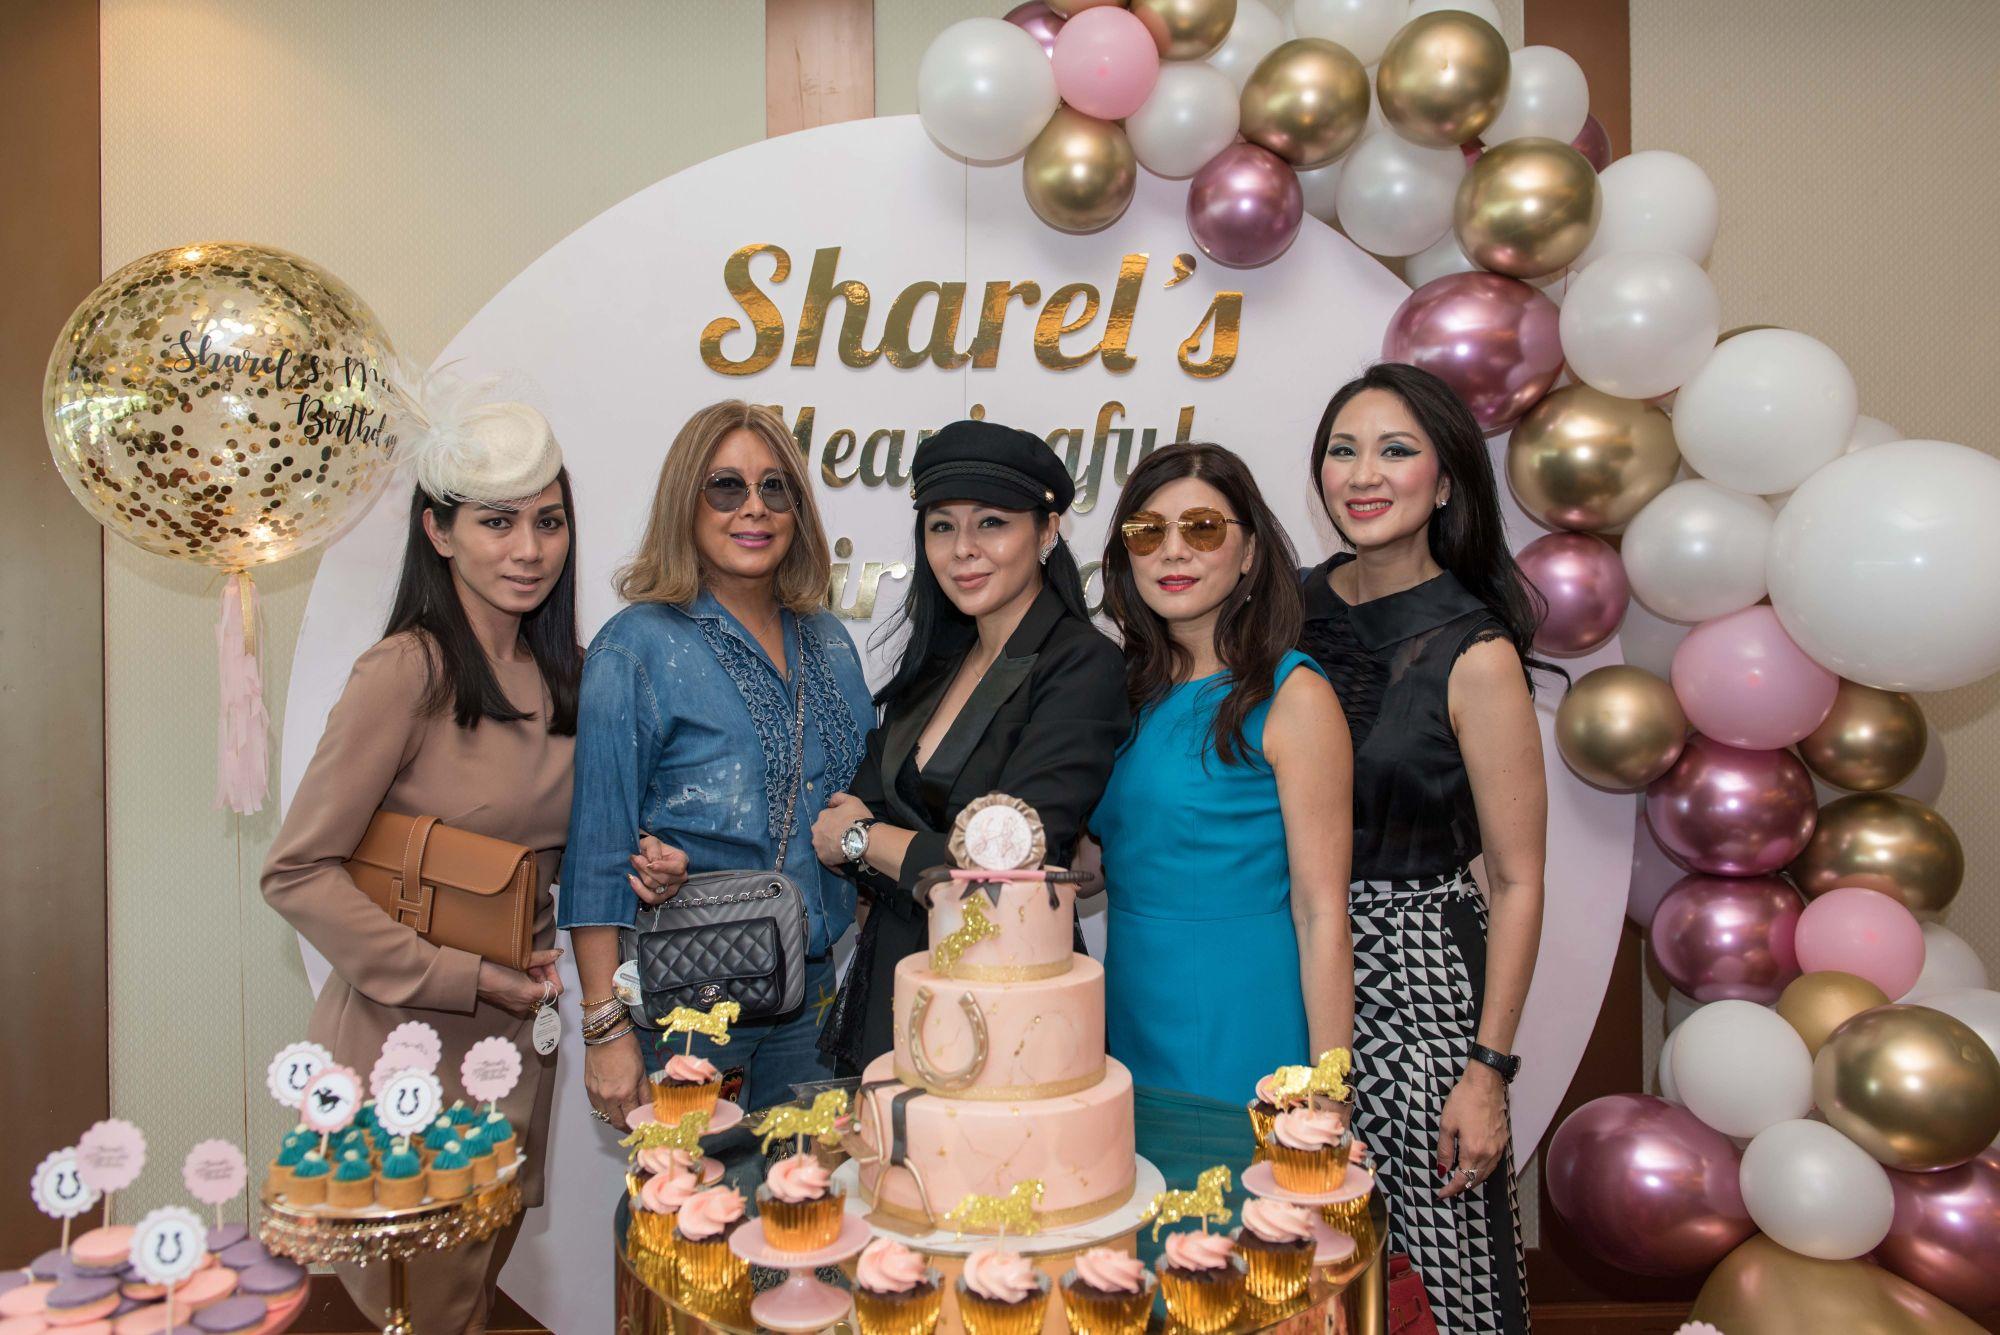 Priscilia Nilsson, Patty Kaunaung, Sharel Ho, Caroline Quach, Valerie Loo